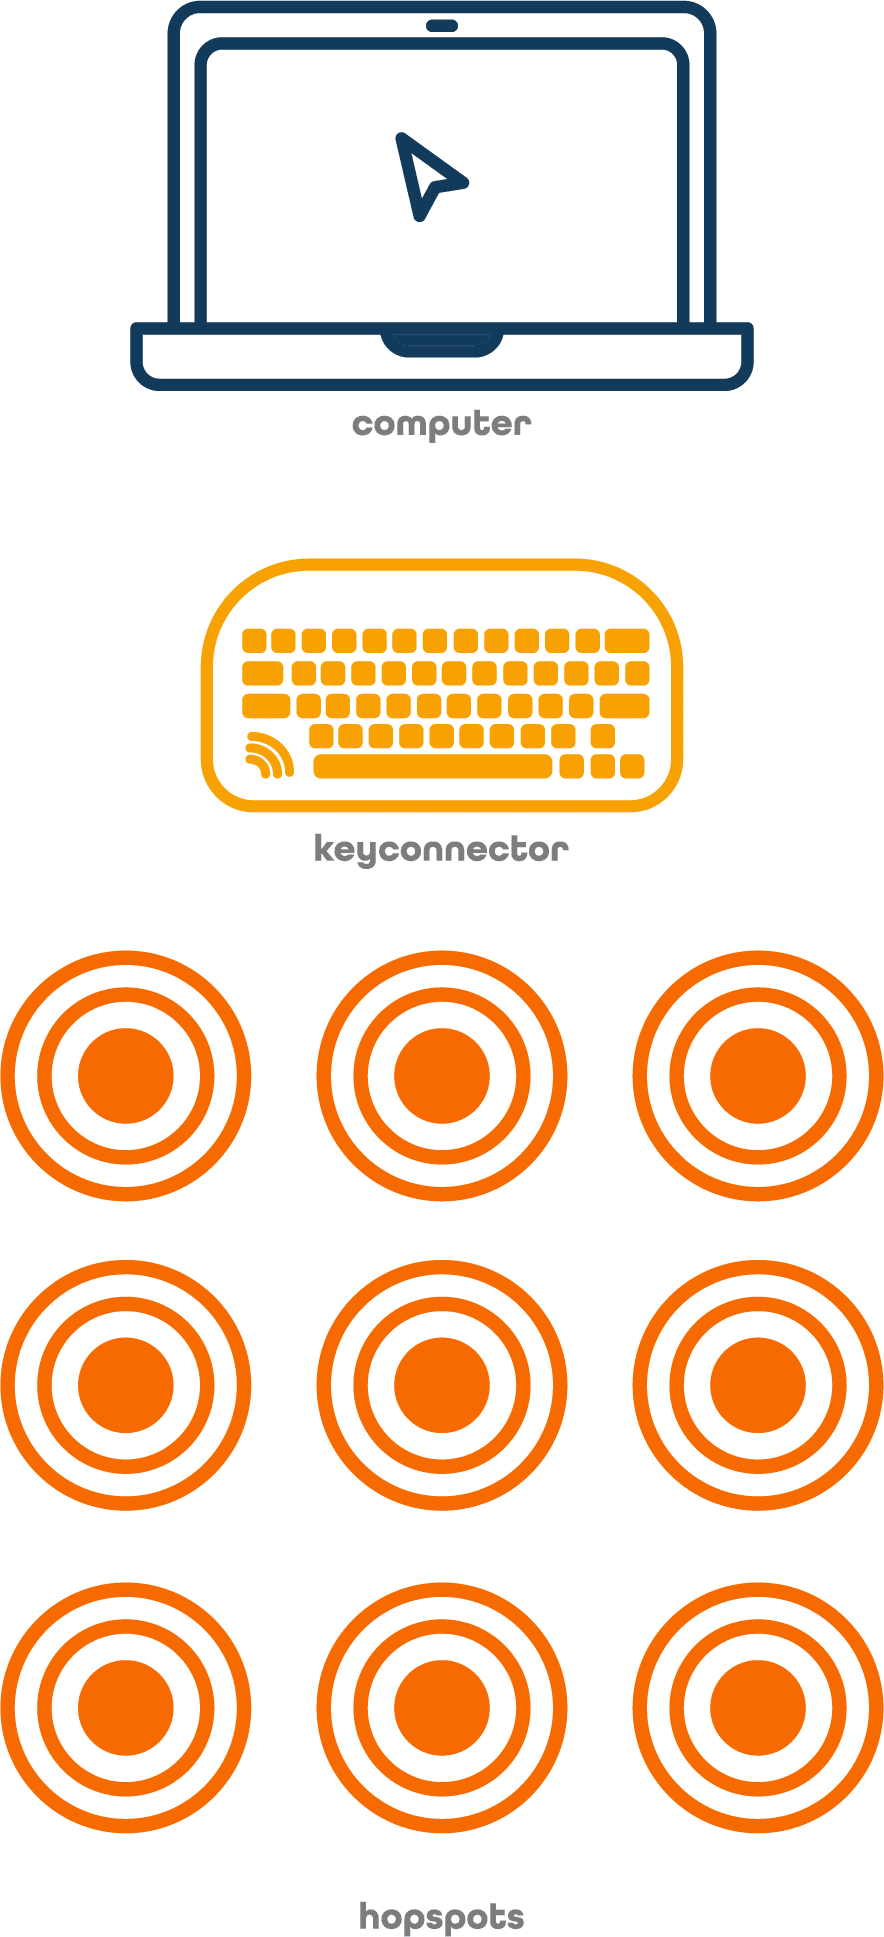 Materialer: Computer, key:connector og 9 Hopspots